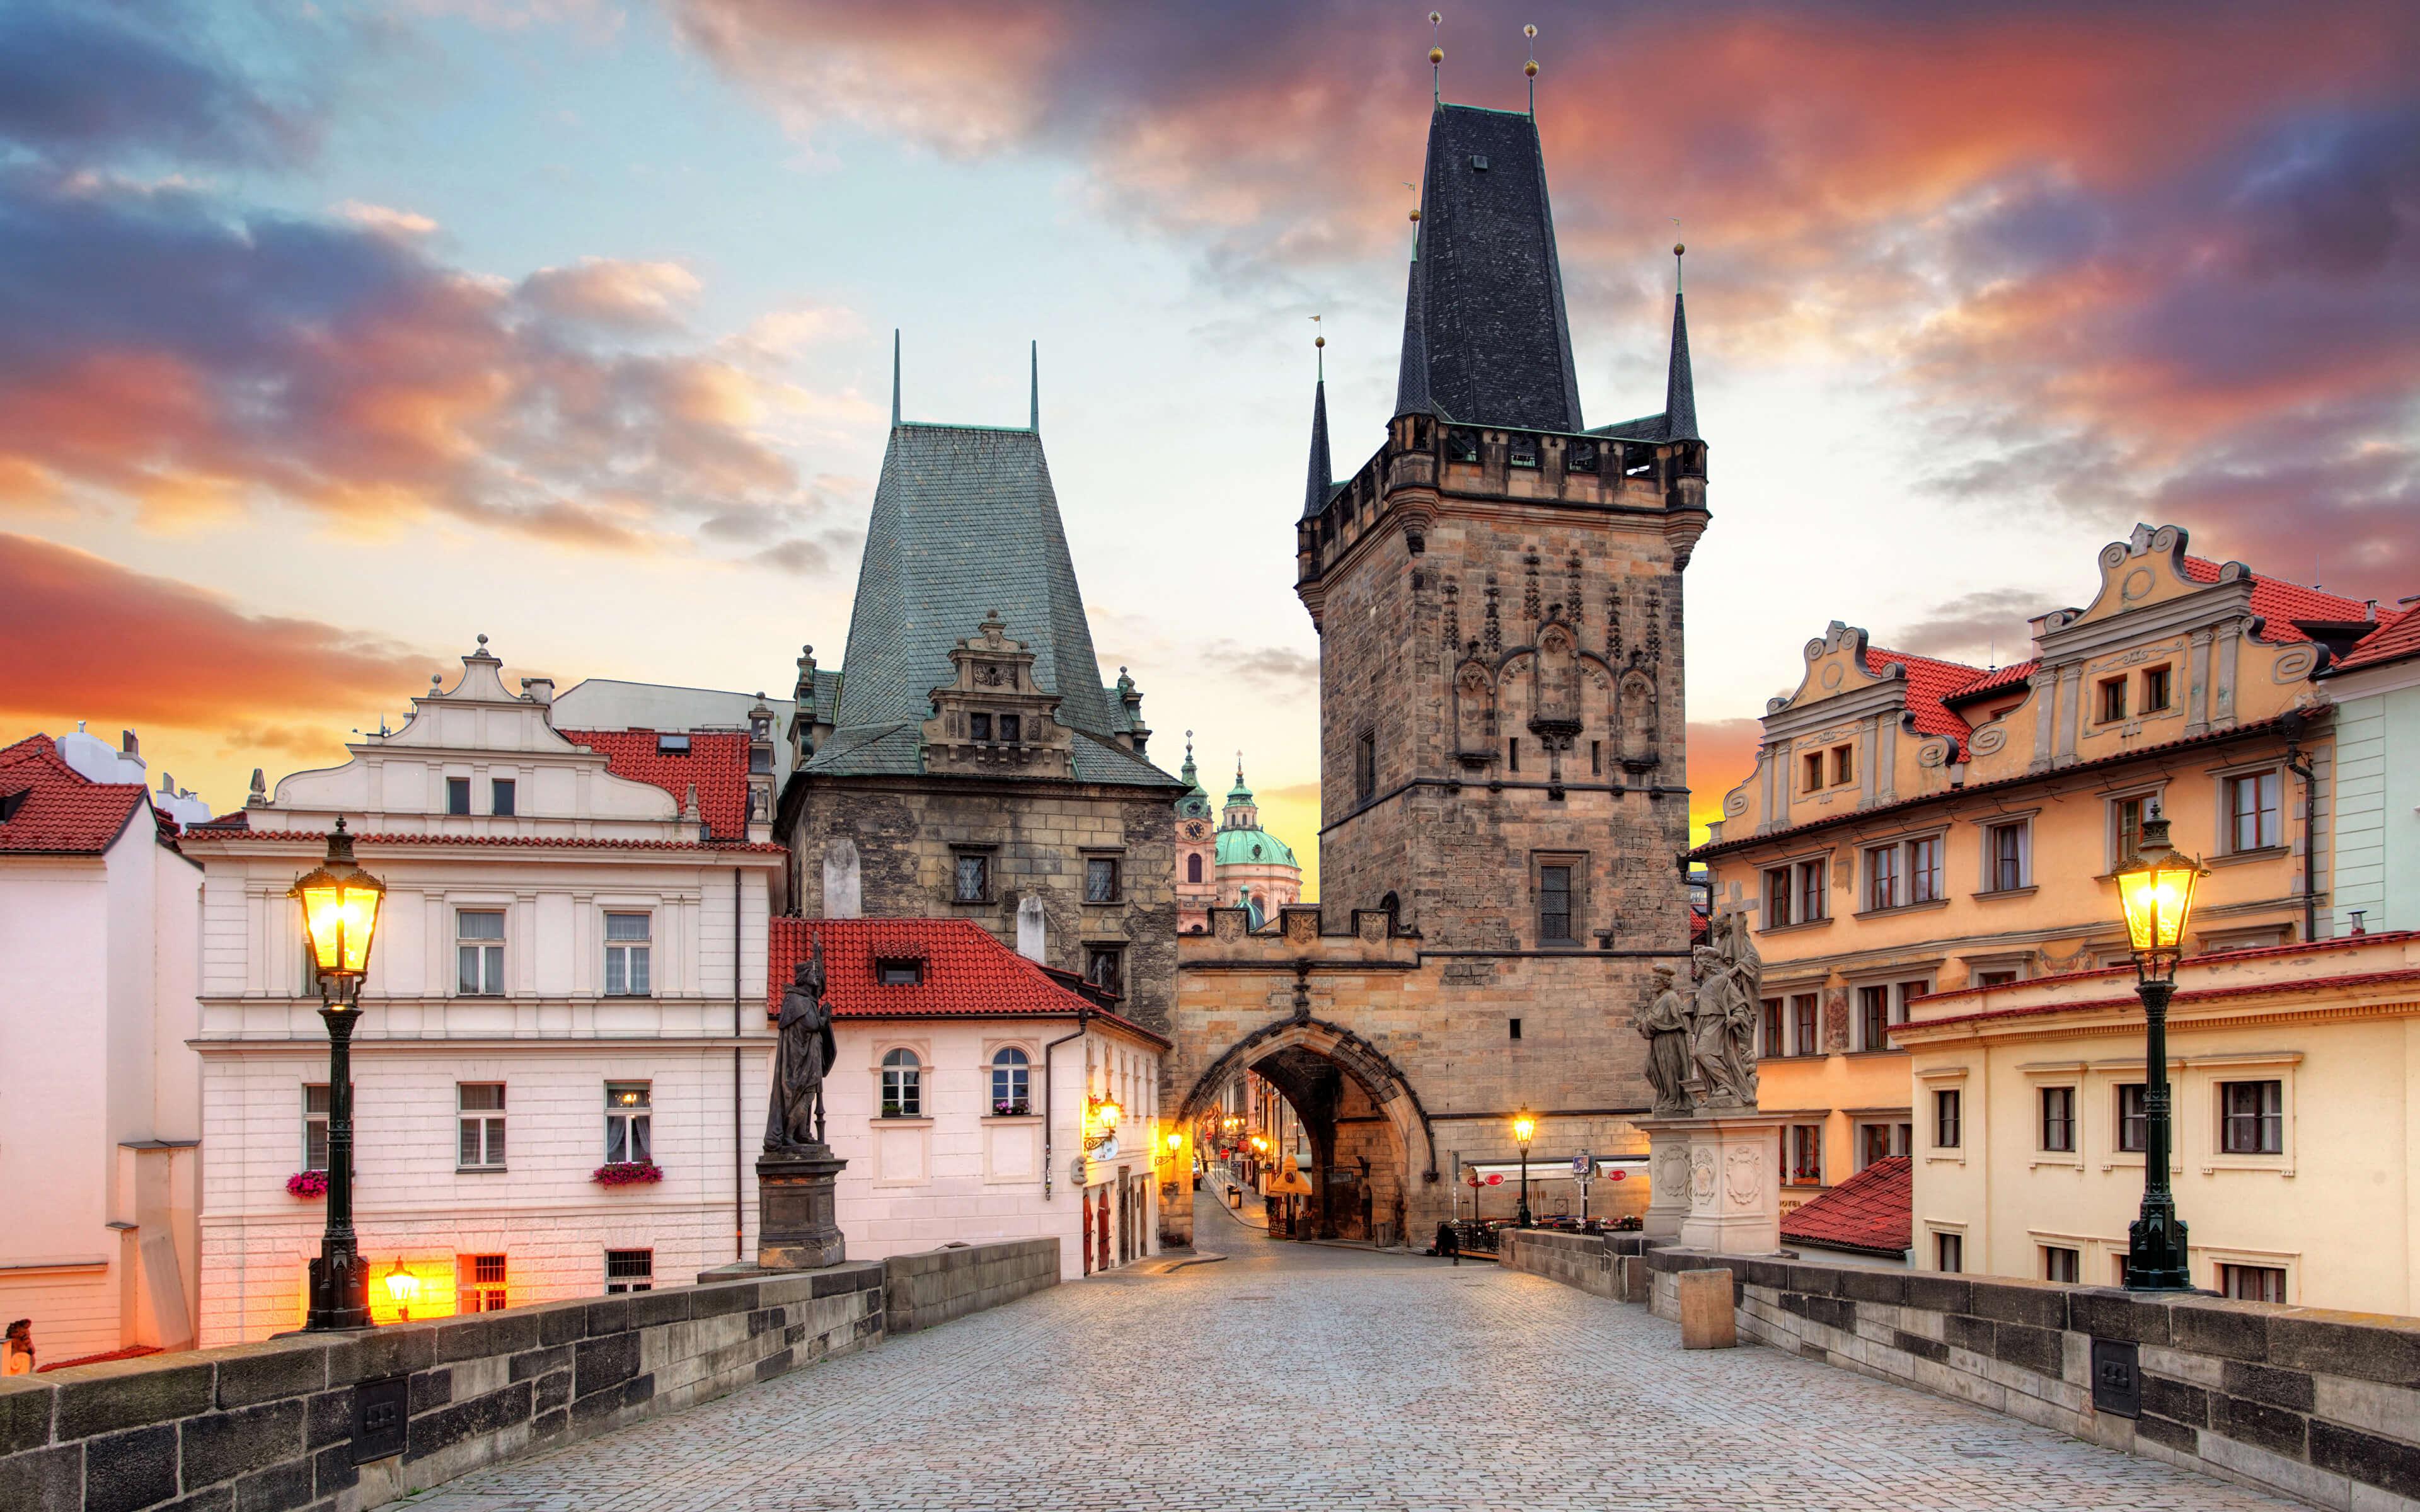 Куда отправиться на отдых осенью 2019 - Малостранская мостовая башня в Праге